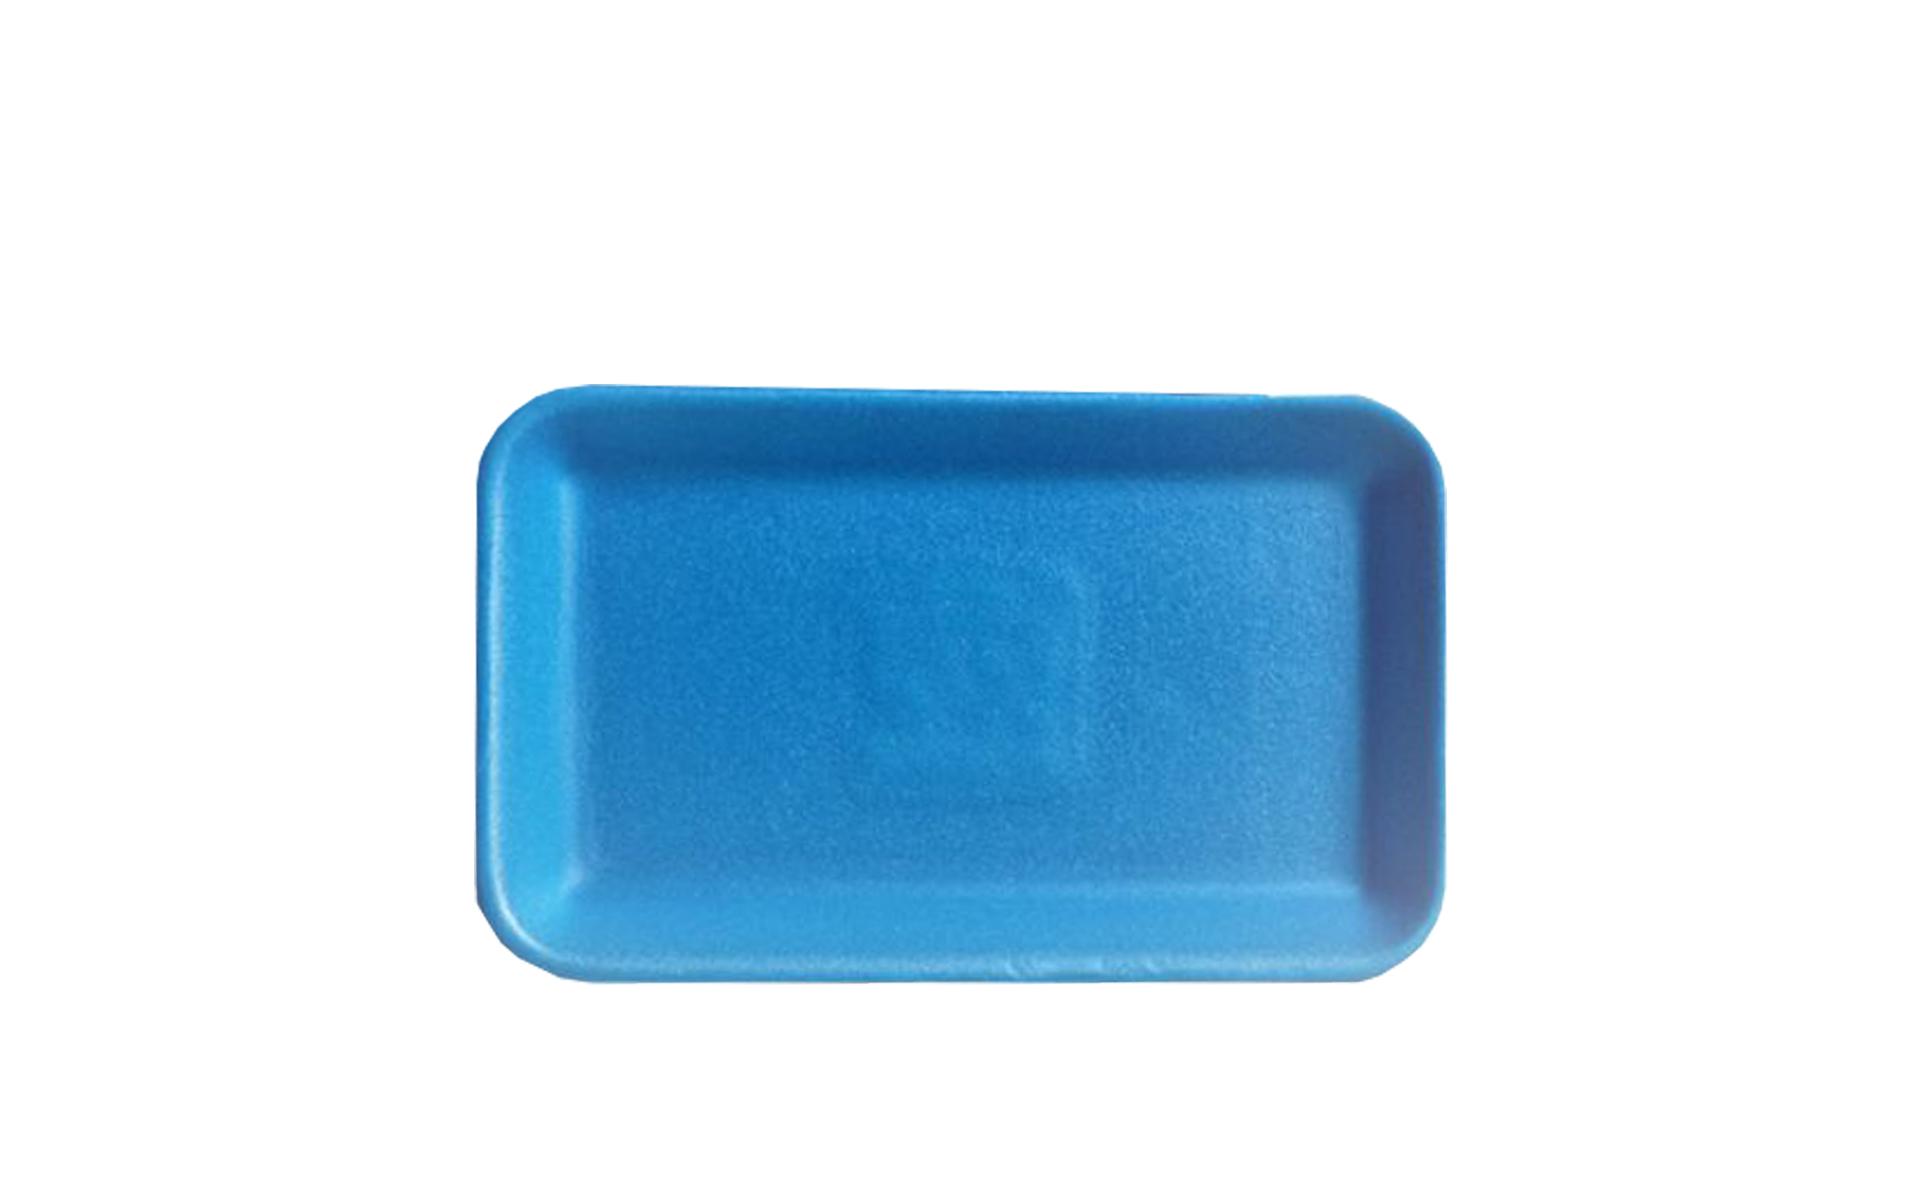 Bandeja B89 azul